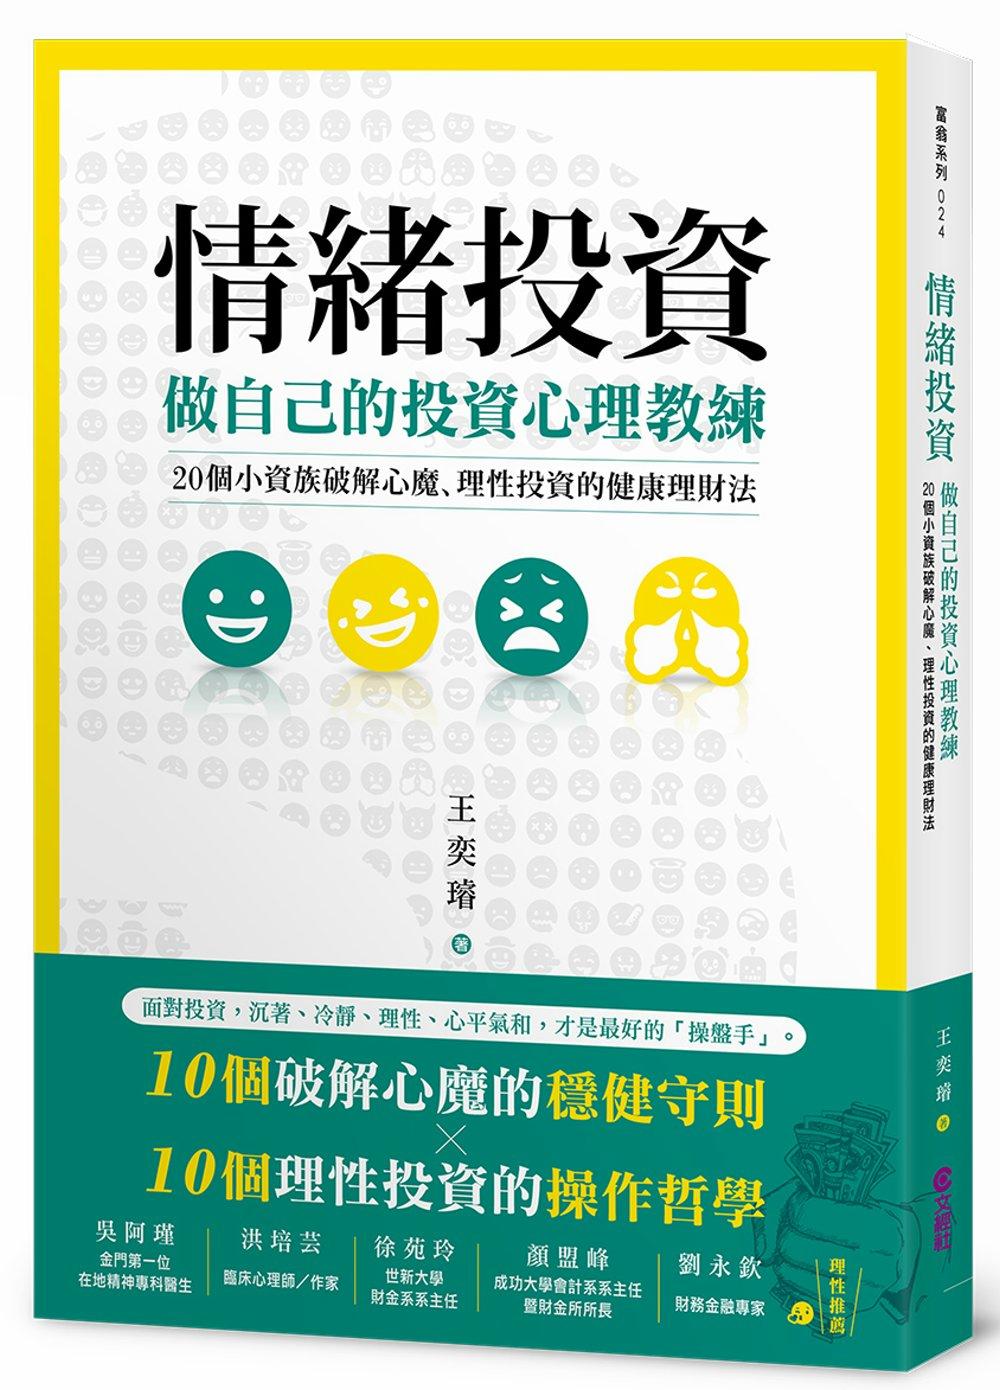 情緒投資:做自己的投資心理教練,20個小資族破解心魔、理性投資的健康理財法